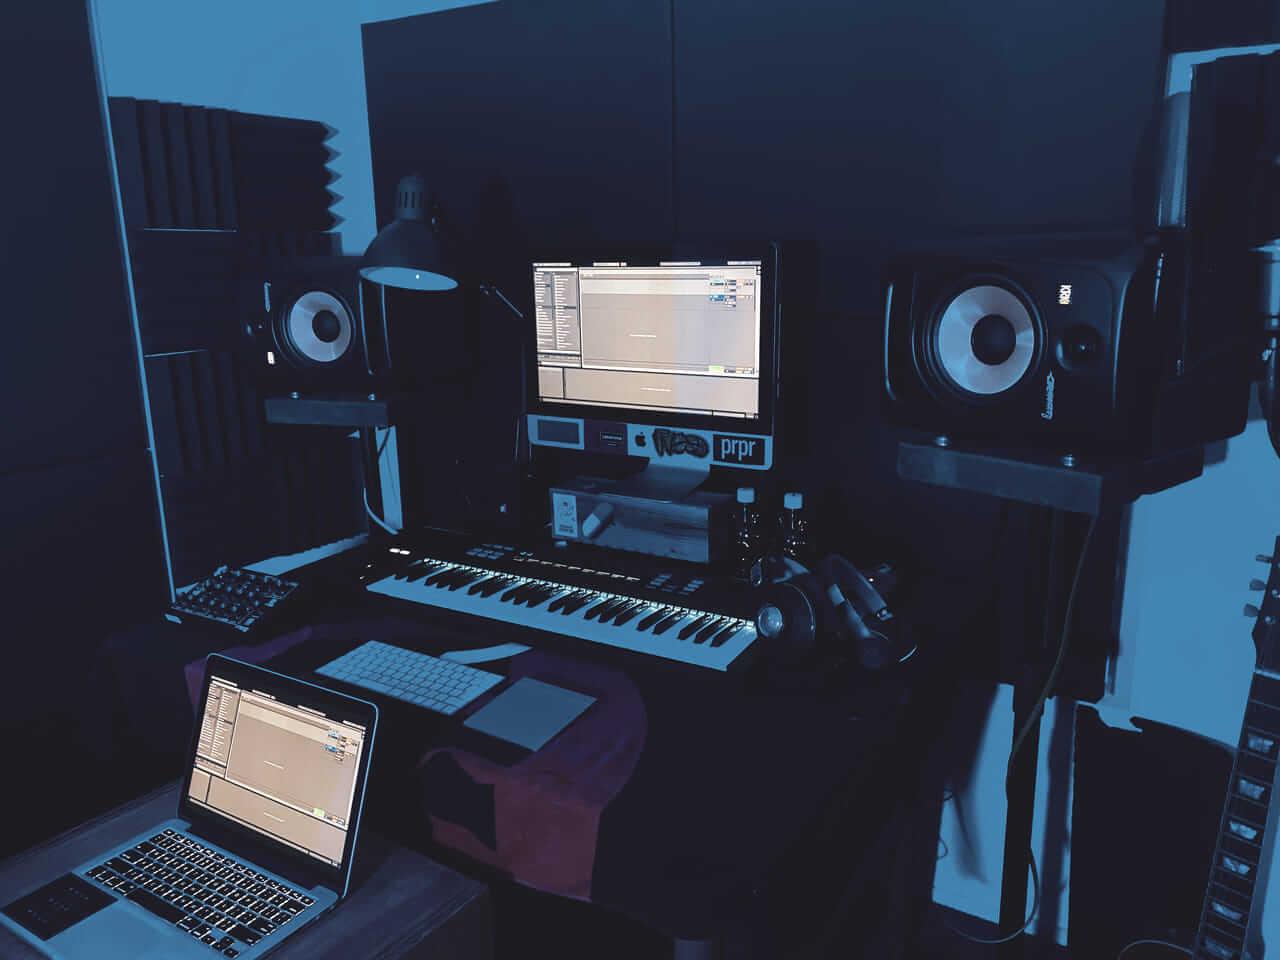 Nabewalks インタビュー | ソロ作のリリースも本格的にスタート、YENTOWN / PROPERPEDIGREE所属のDJ/プロデューサー【IYOW 】